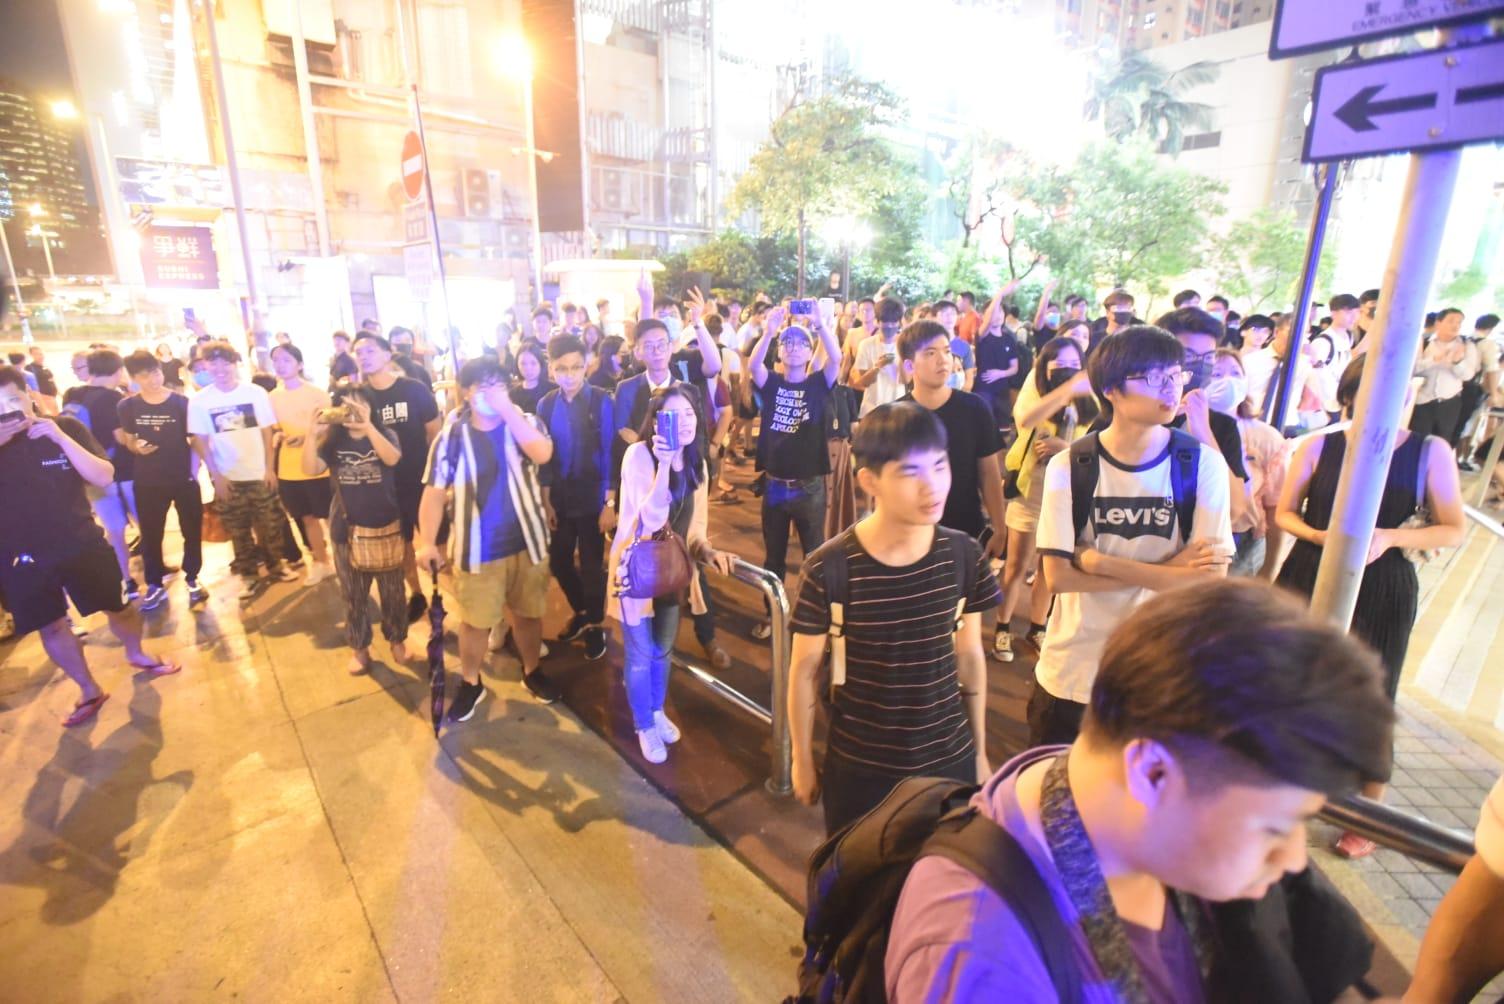 現場人群與警察對峙。徐裕民攝